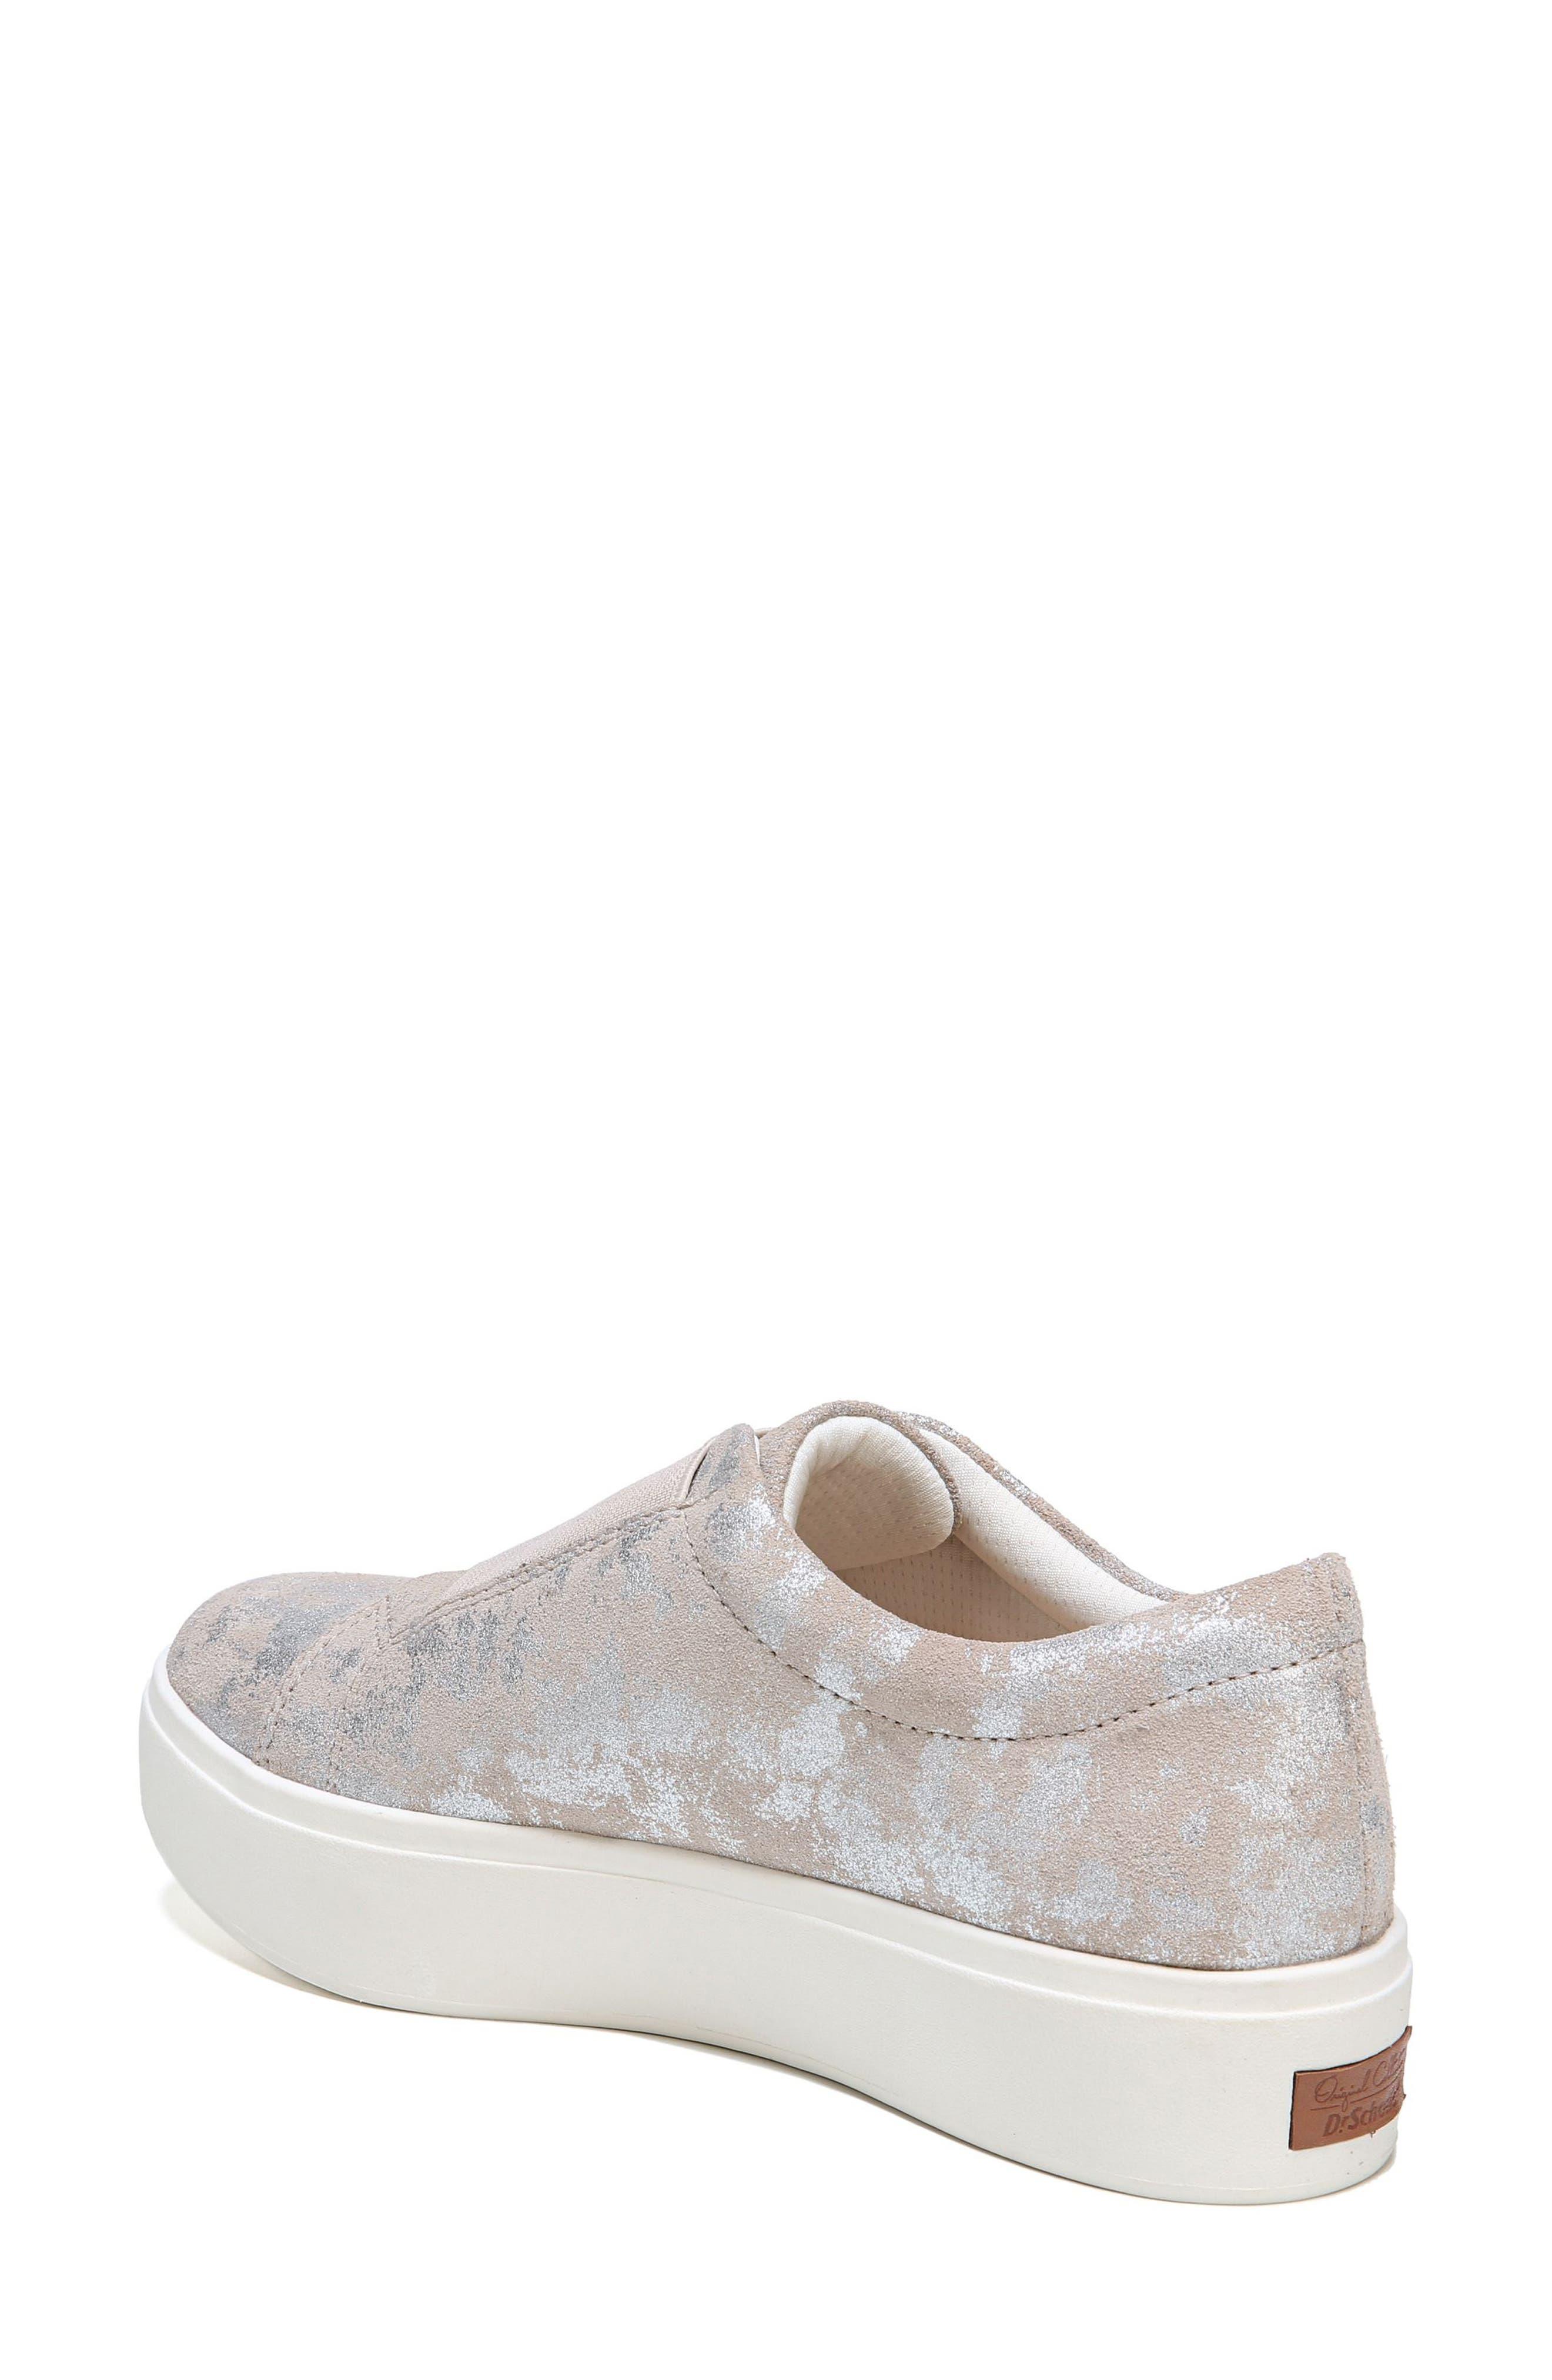 Abbot Slip-On Sneaker,                             Alternate thumbnail 2, color,